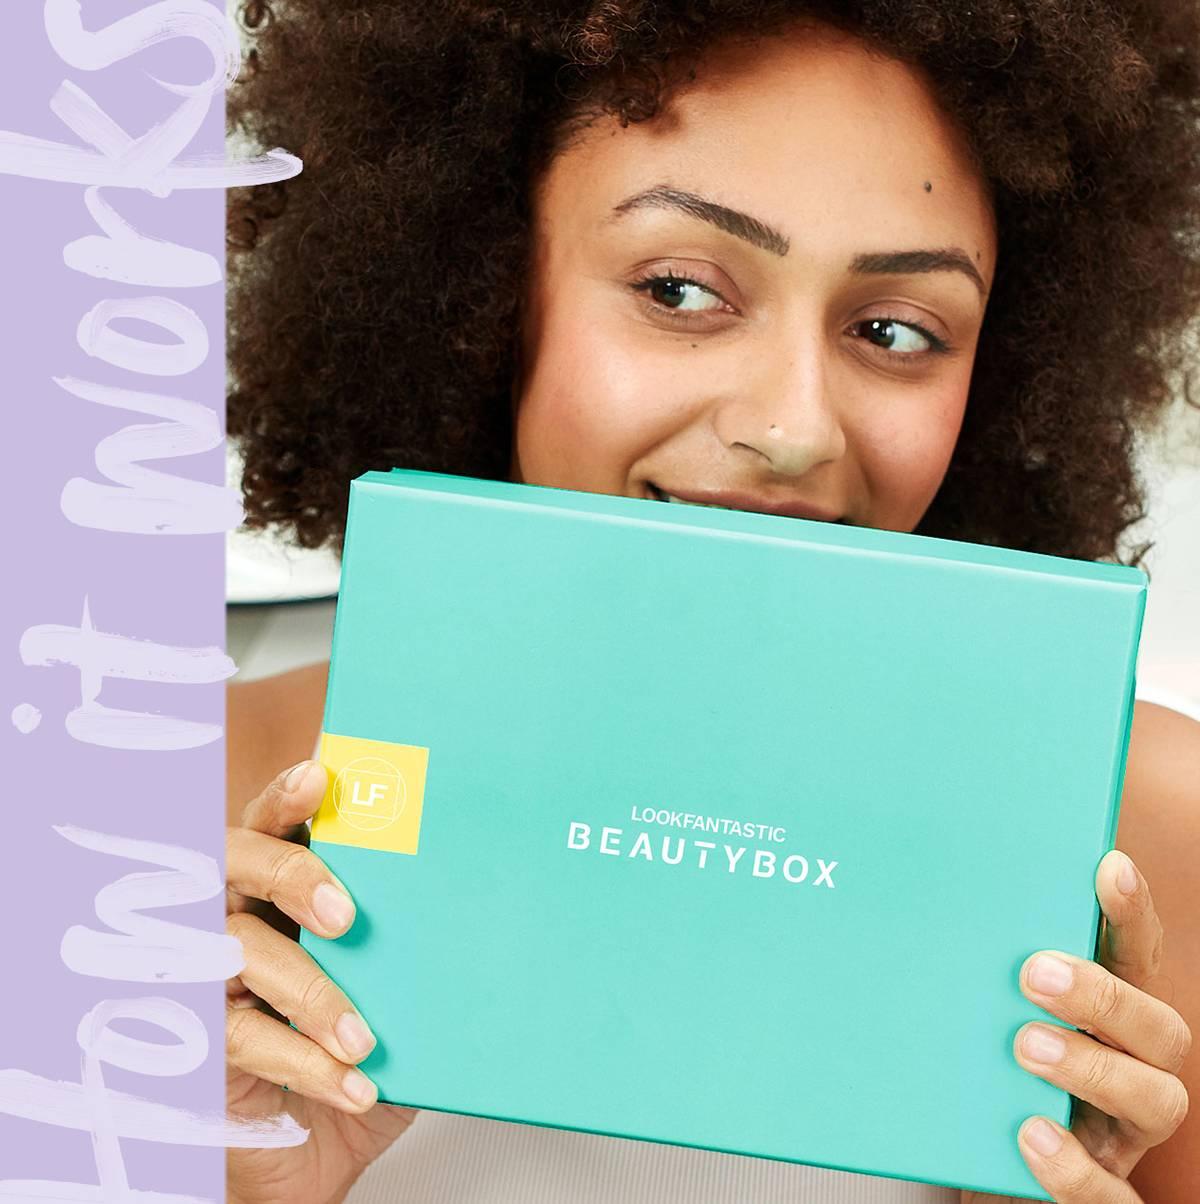 En savoir plus sur la <b> Beauty Box lookfantastic </b>, un coffret d'abonnement mensuel qui contient 6 produits de beauté triés sur le volet d'une valeur d'au moins 50 € directement livré chez vous.